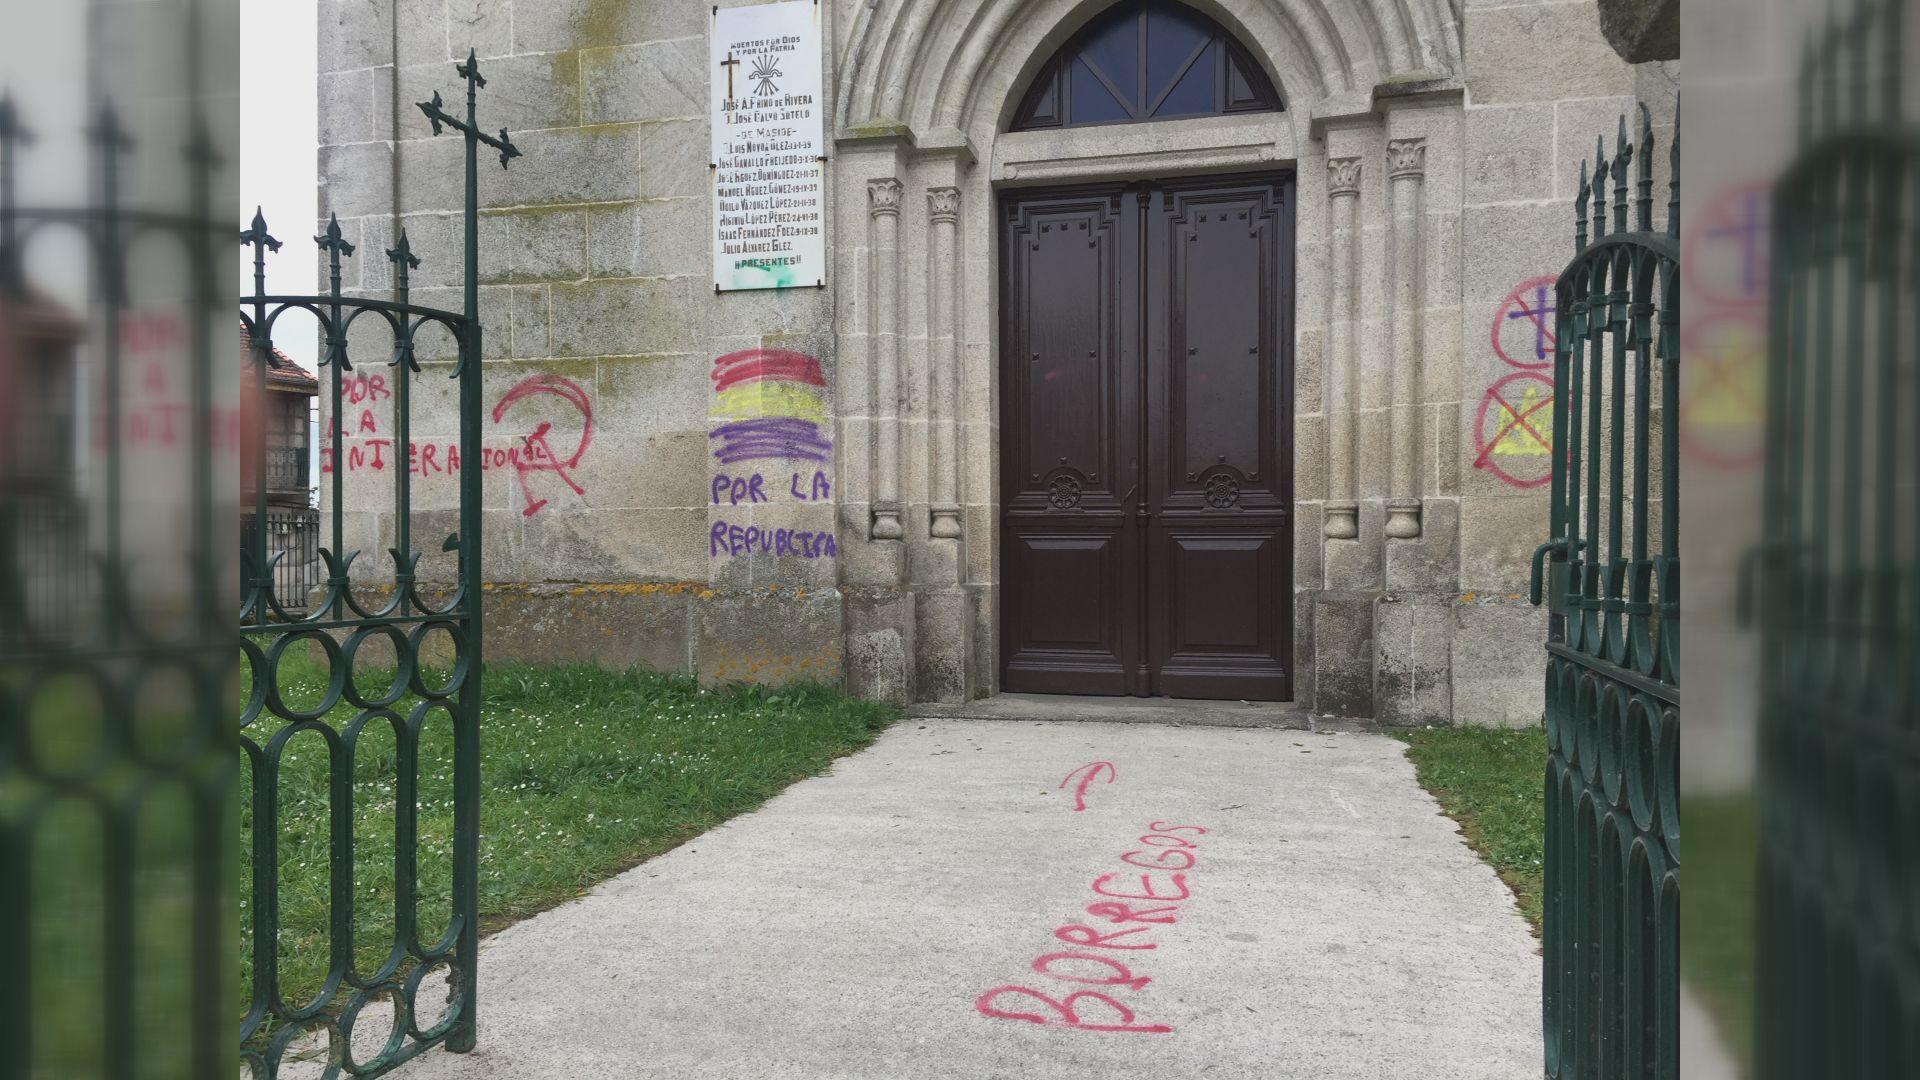 Pintadas a favor de la República en la iglesia de Maside. Los miembros de milicias a su llegada a la convención anual de la Asociación Nacional del Rifle (NRA) en Indiana